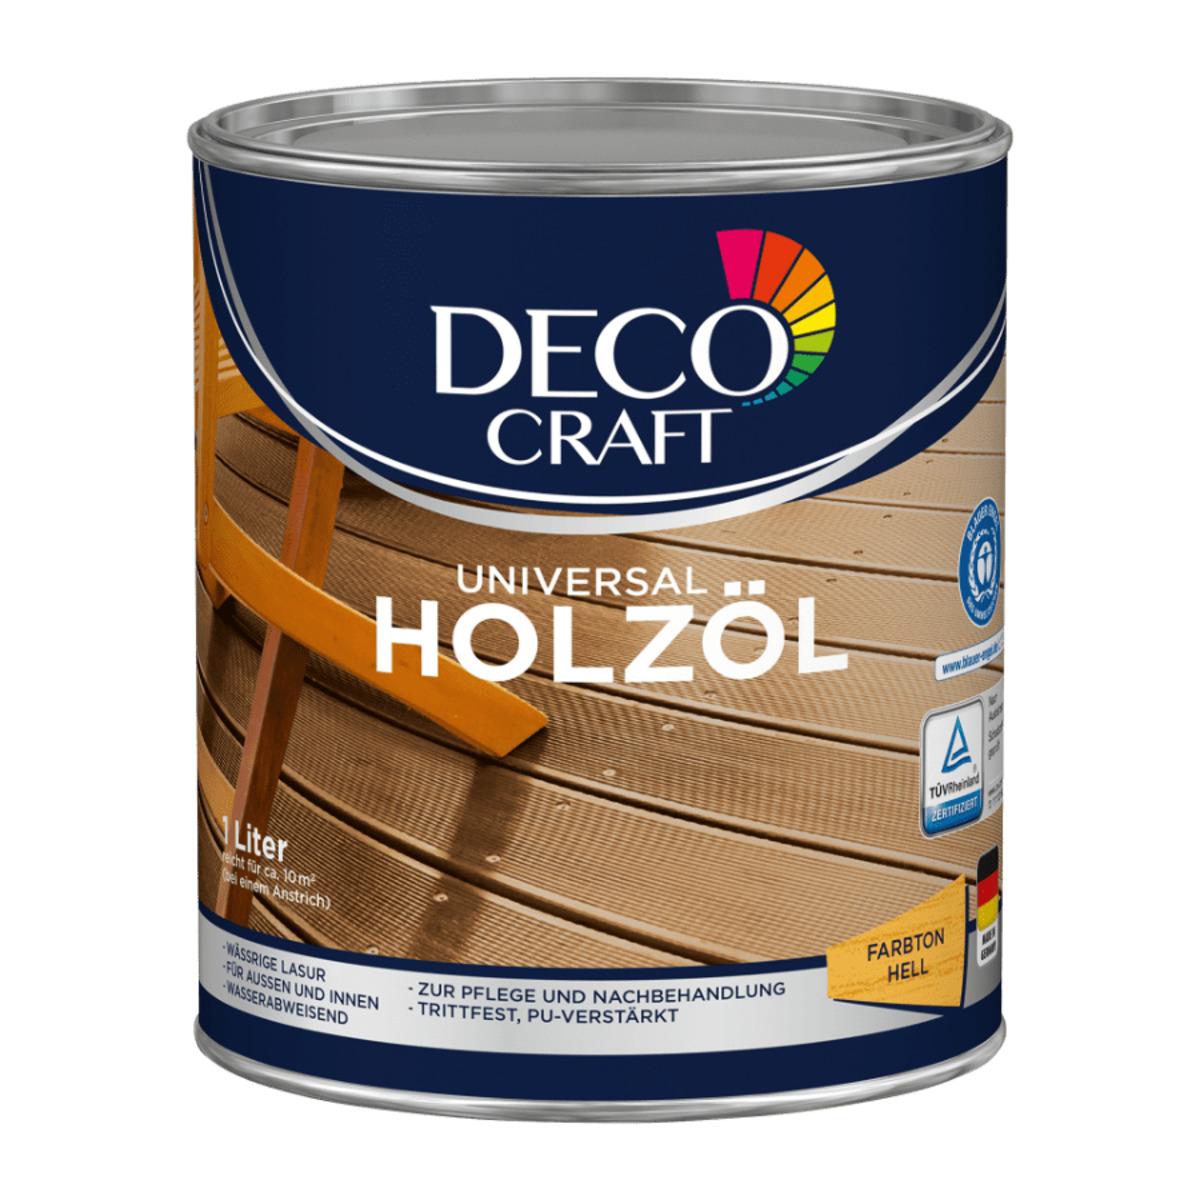 Bild 2 von DECO CRAFT     Universal Holzöl